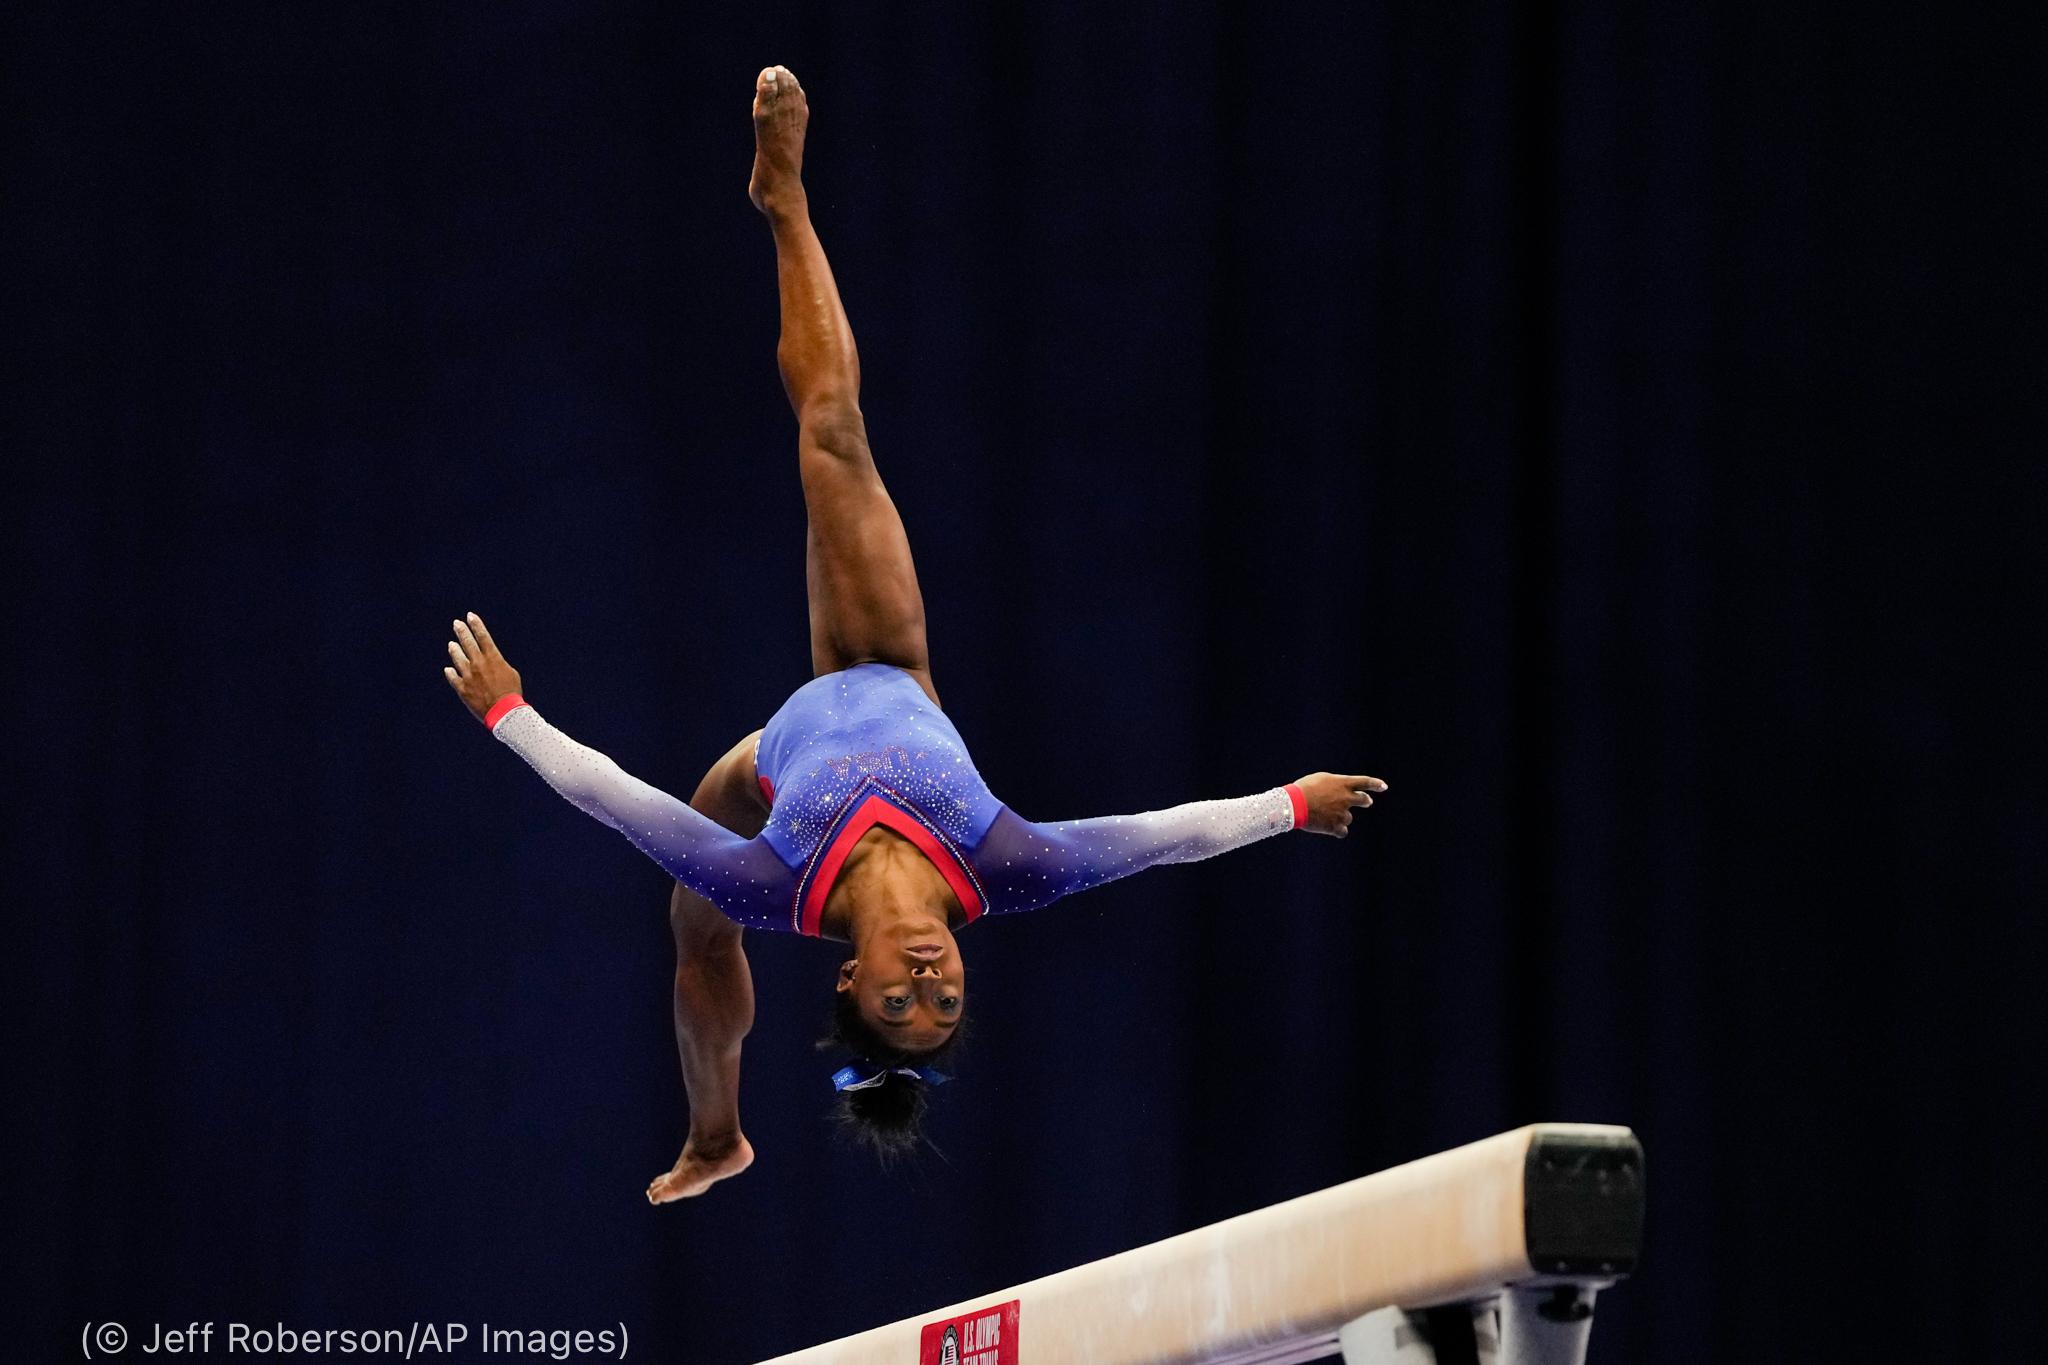 Simone Biles dando vueltas en el aire sobre la barra de equilibrio (© Jeff Roberson/AP Images)